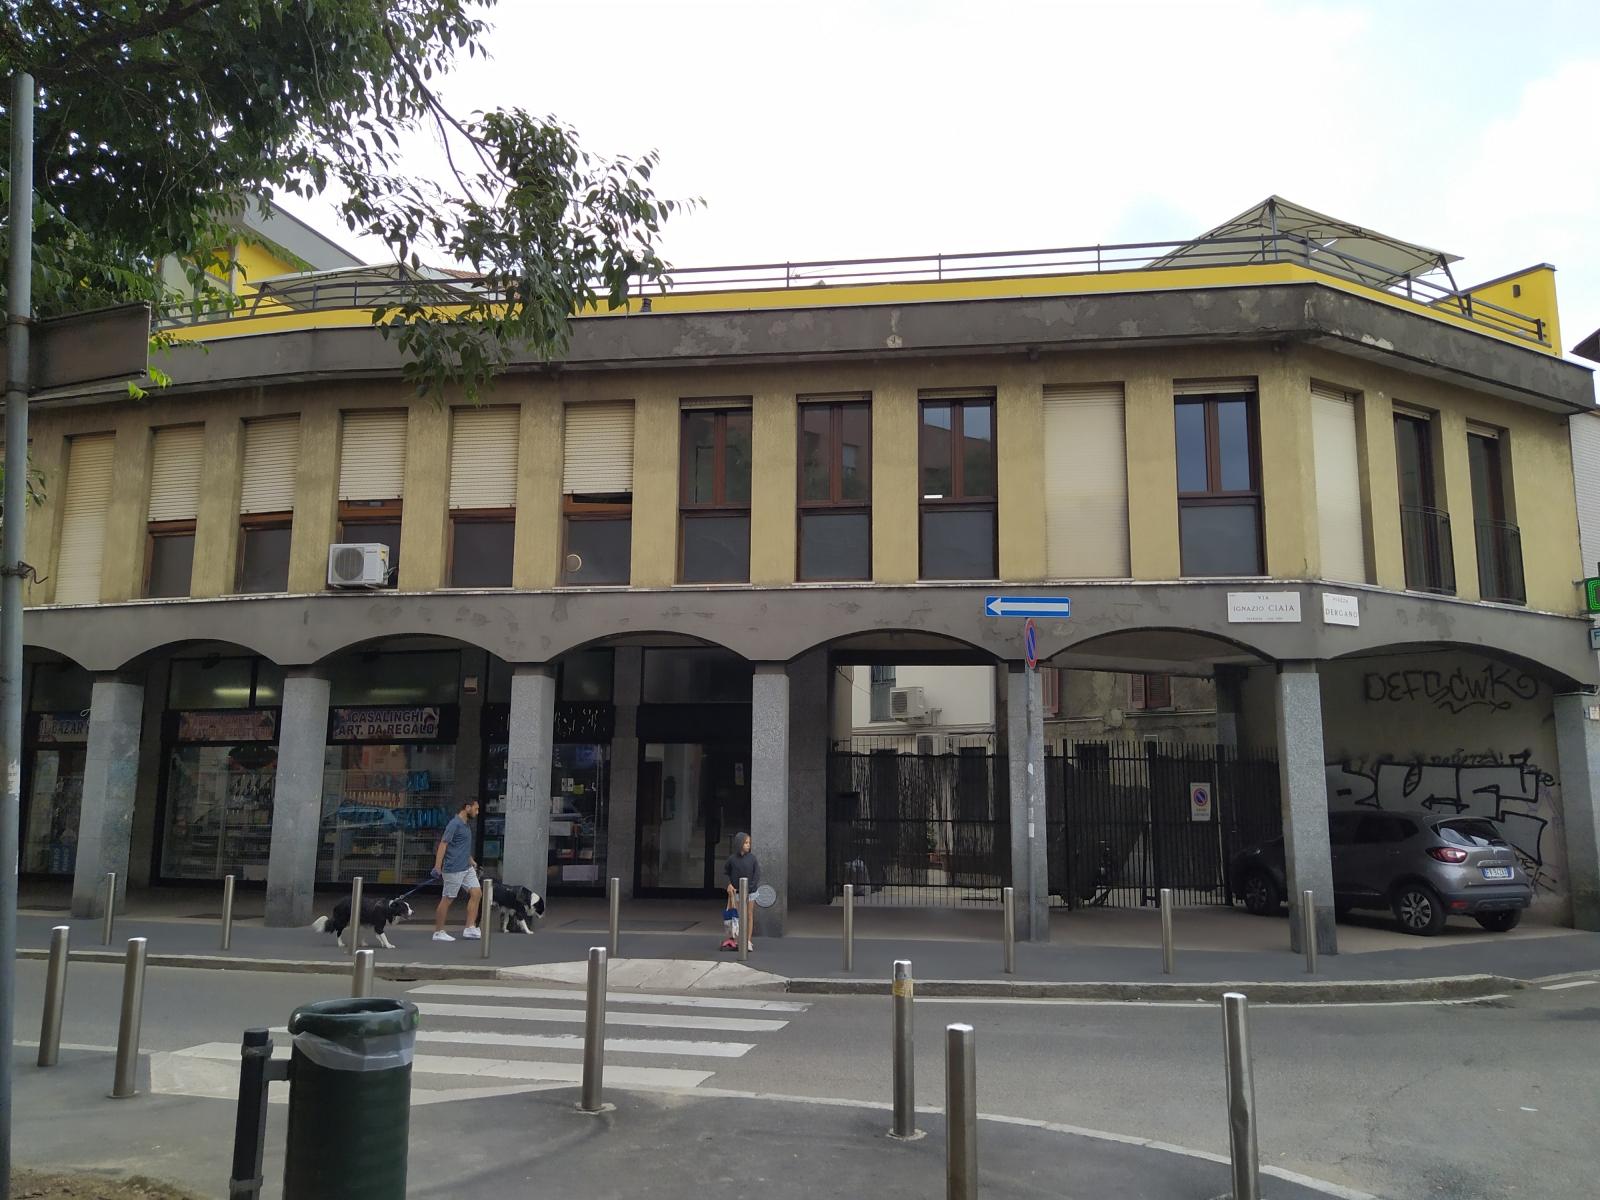 appartamento-in-vendita-milano-bovisa-piazza-dergano-3-locali-con-terrazzo-spaziourbano-immobiliare-vende-22